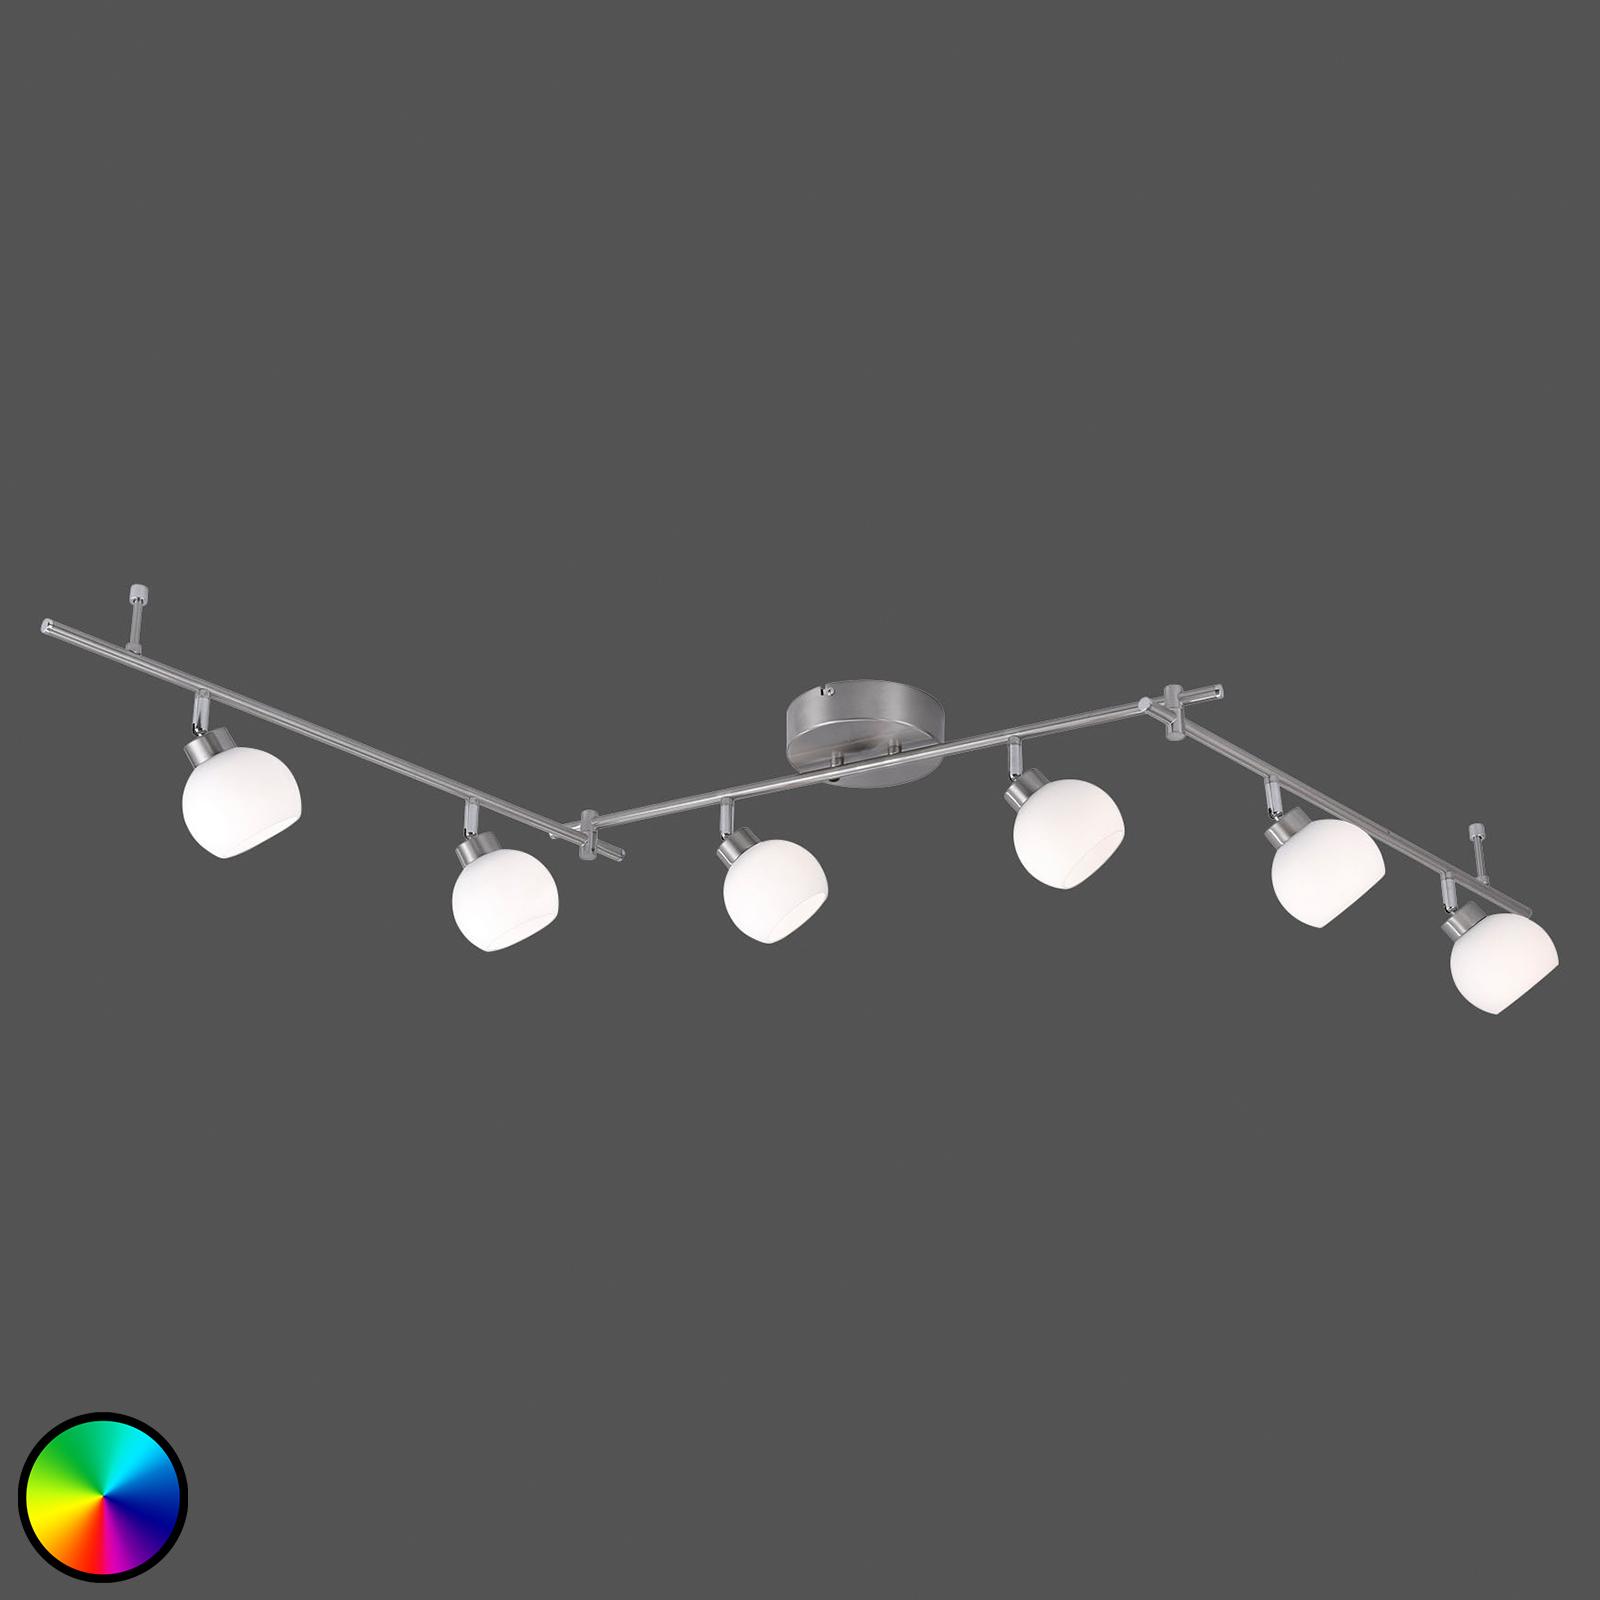 LED-Deckenleuchte Yaeka 6-flammig, Fernbedienung